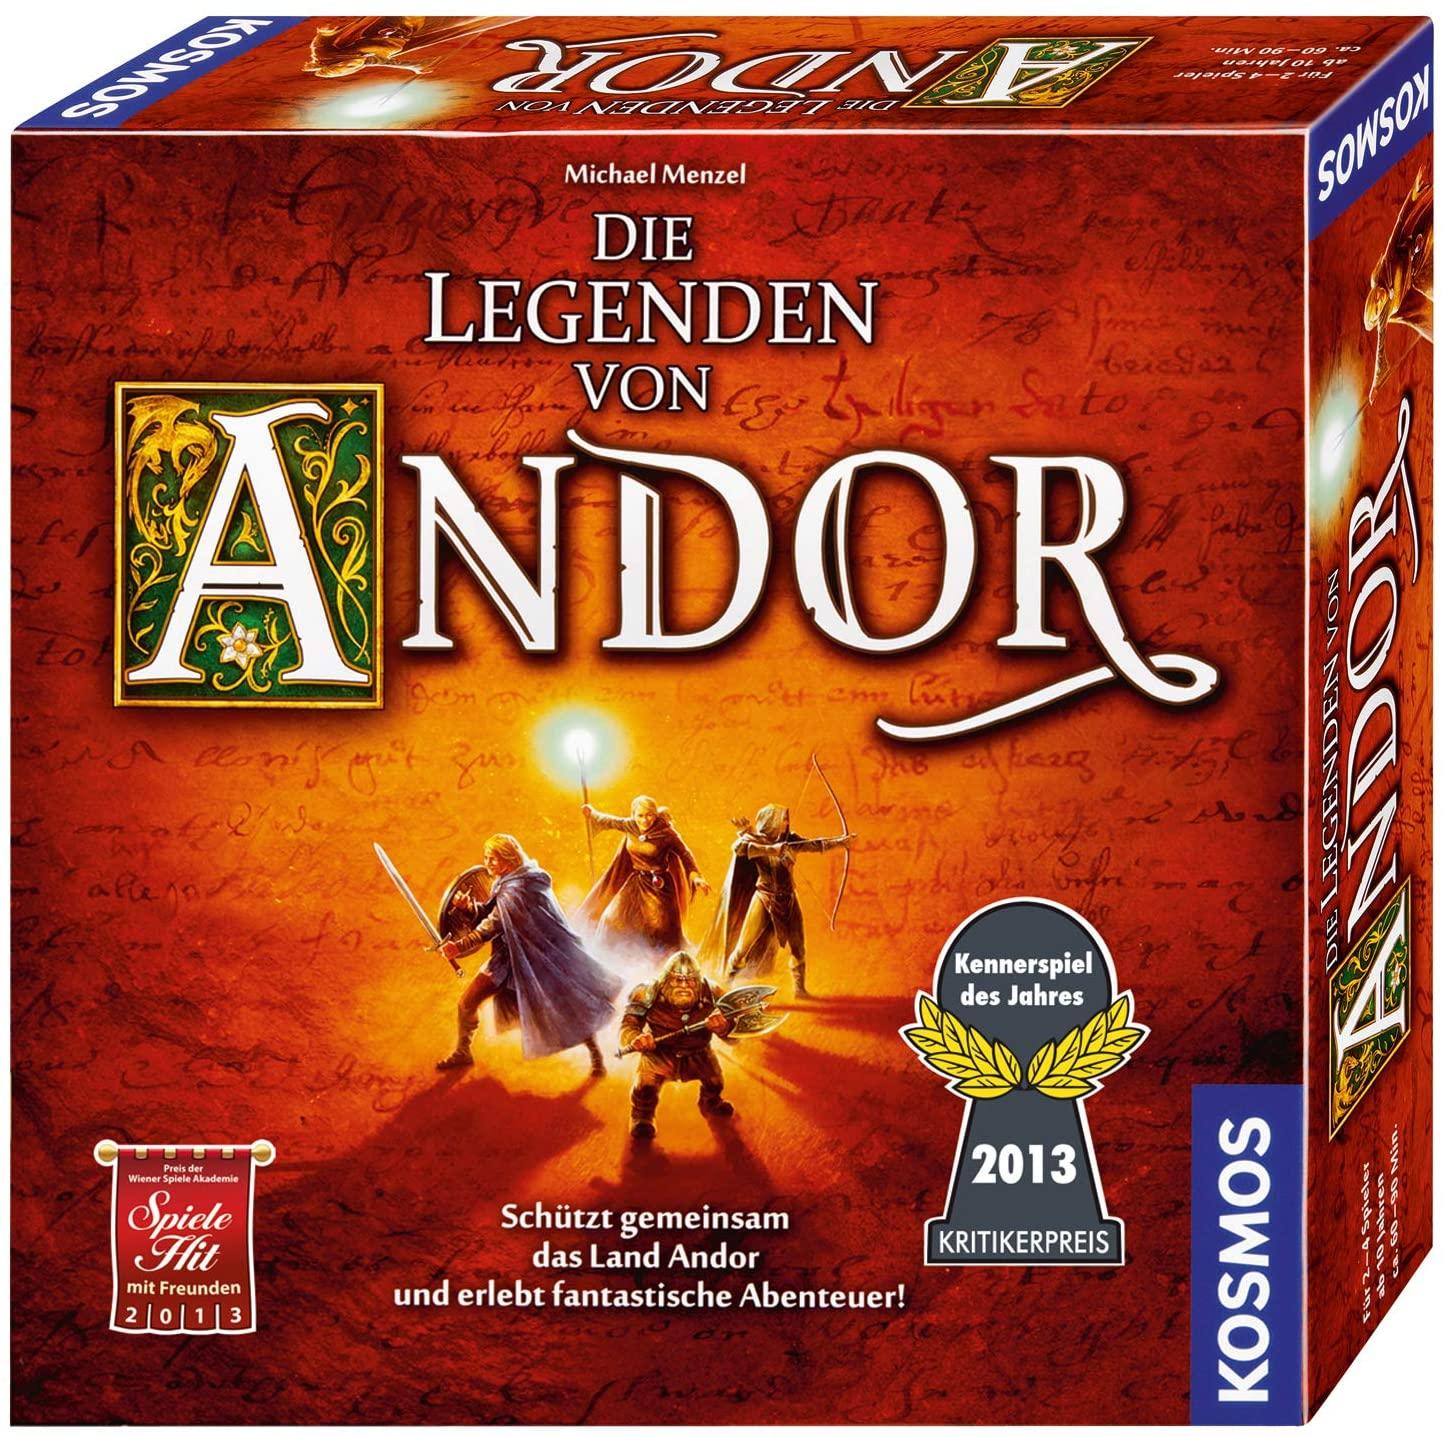 Die Legenden von Andor - Kennerspiel des Jahres 2013 [Thalia KultClub/Prime]